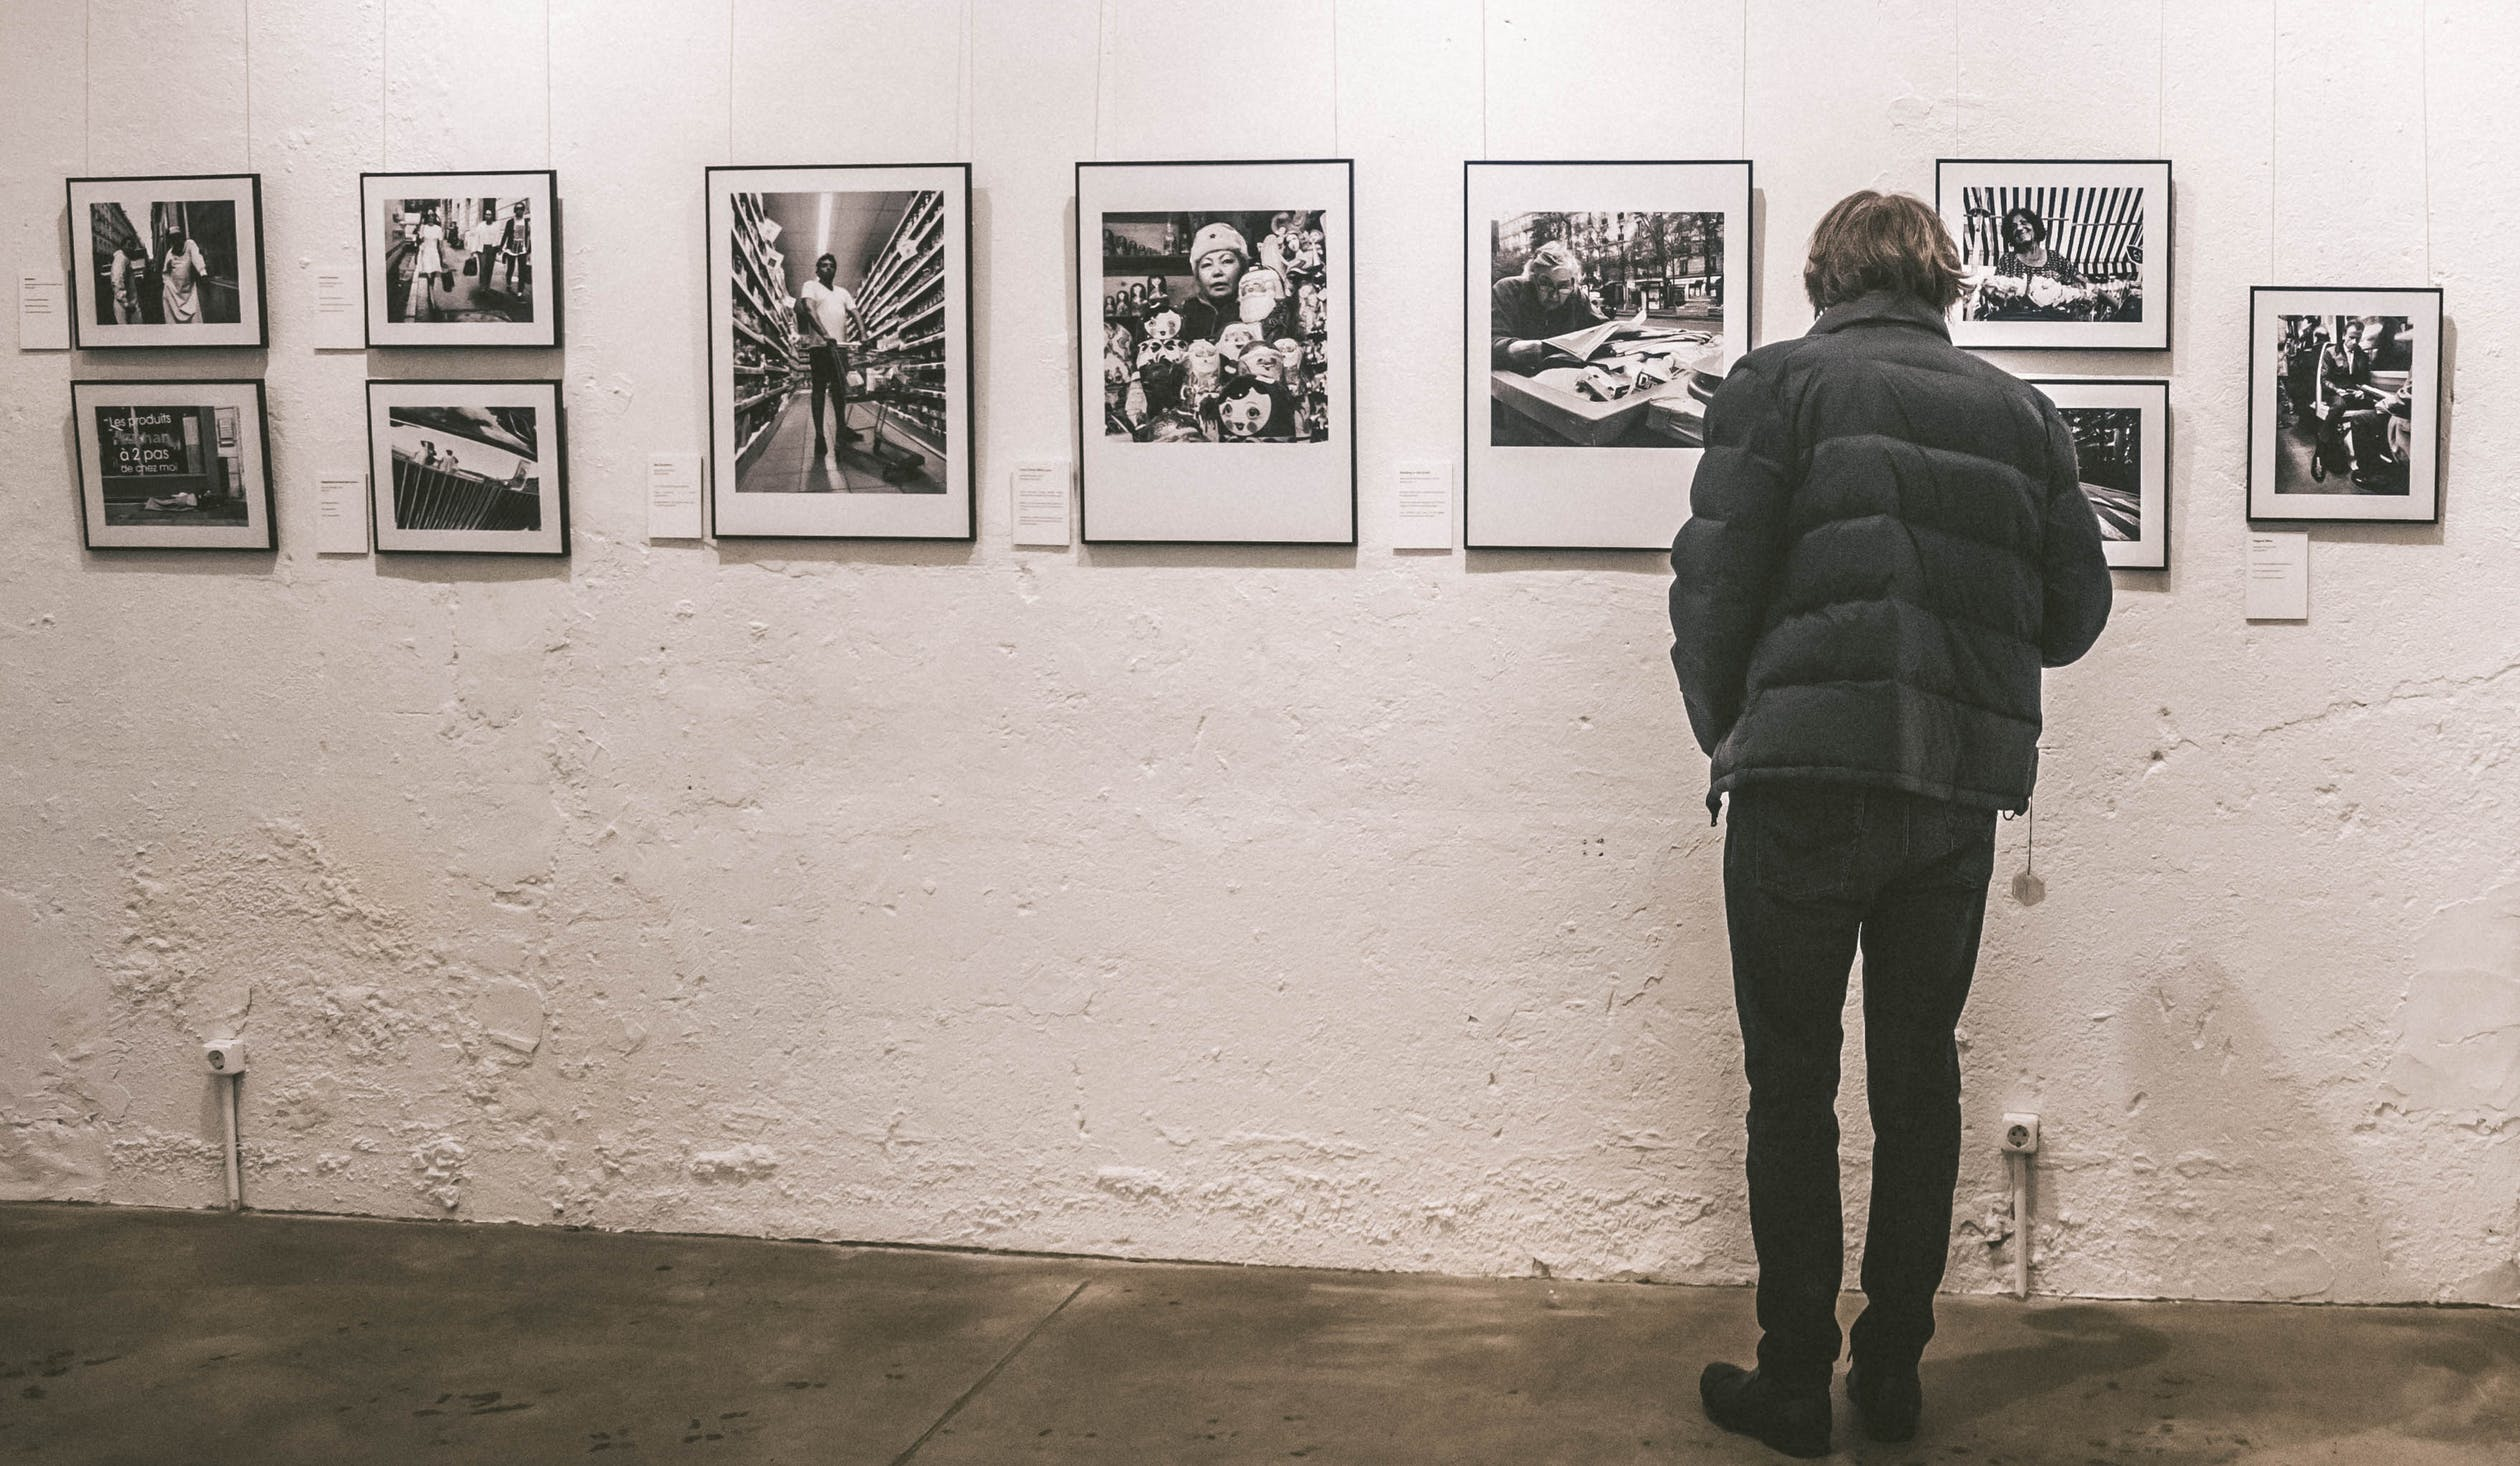 Poseti izložbu studenata Akademije umetnosti